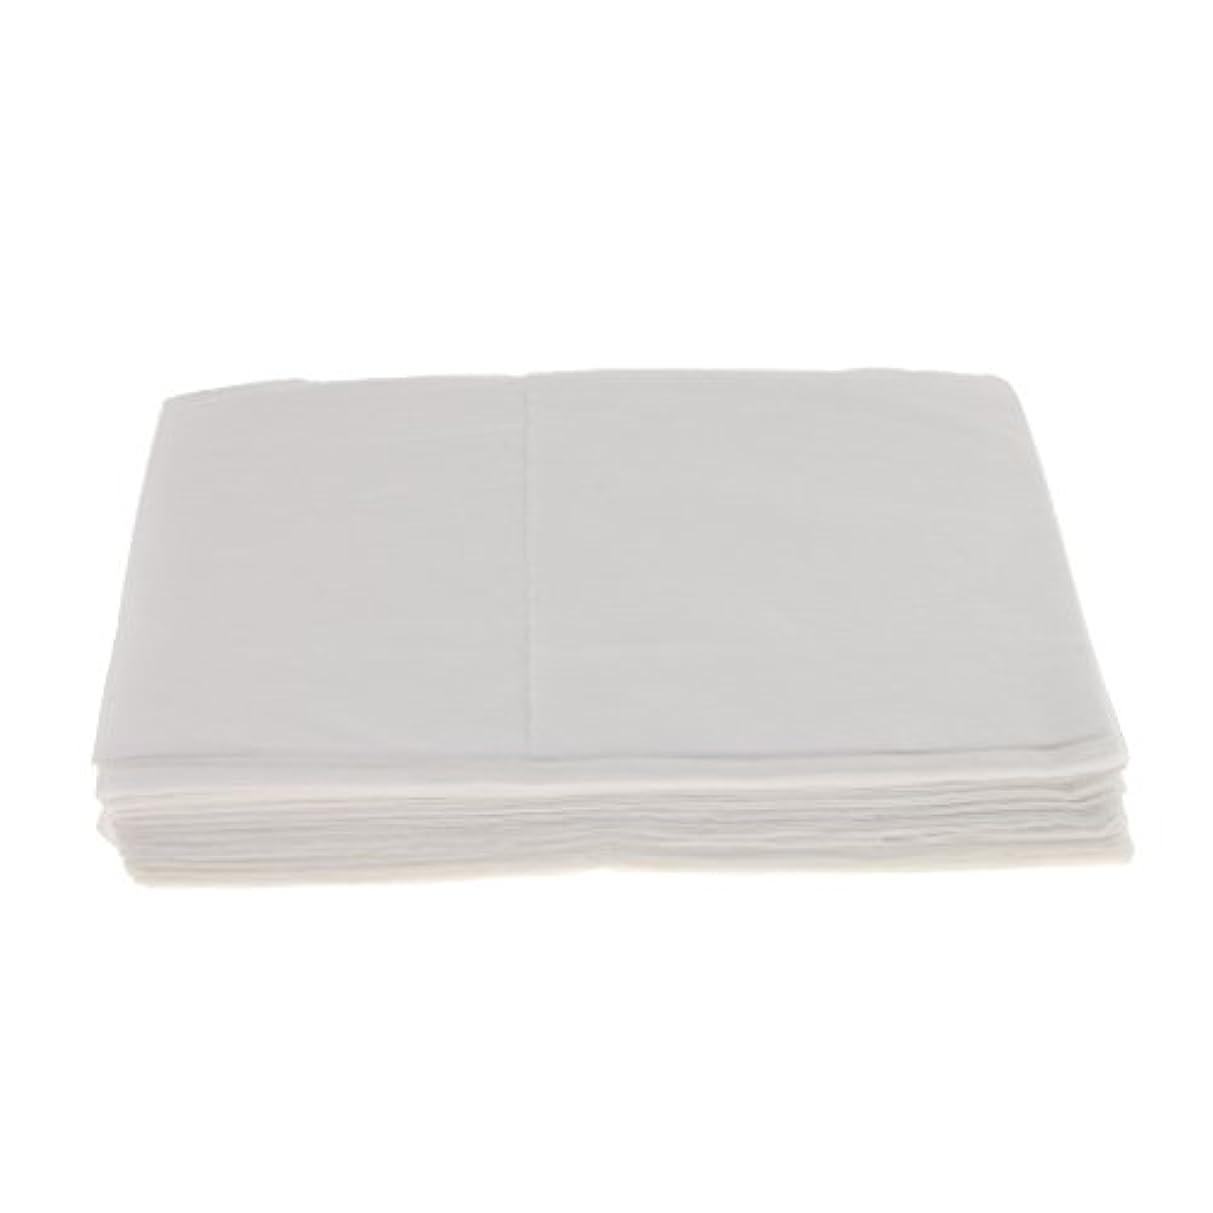 シャトル突然の火薬Baosity 10枚 使い捨て ベッドシーツ サロン ホテル ベッドパッド カバー シート 2色選べ - 白